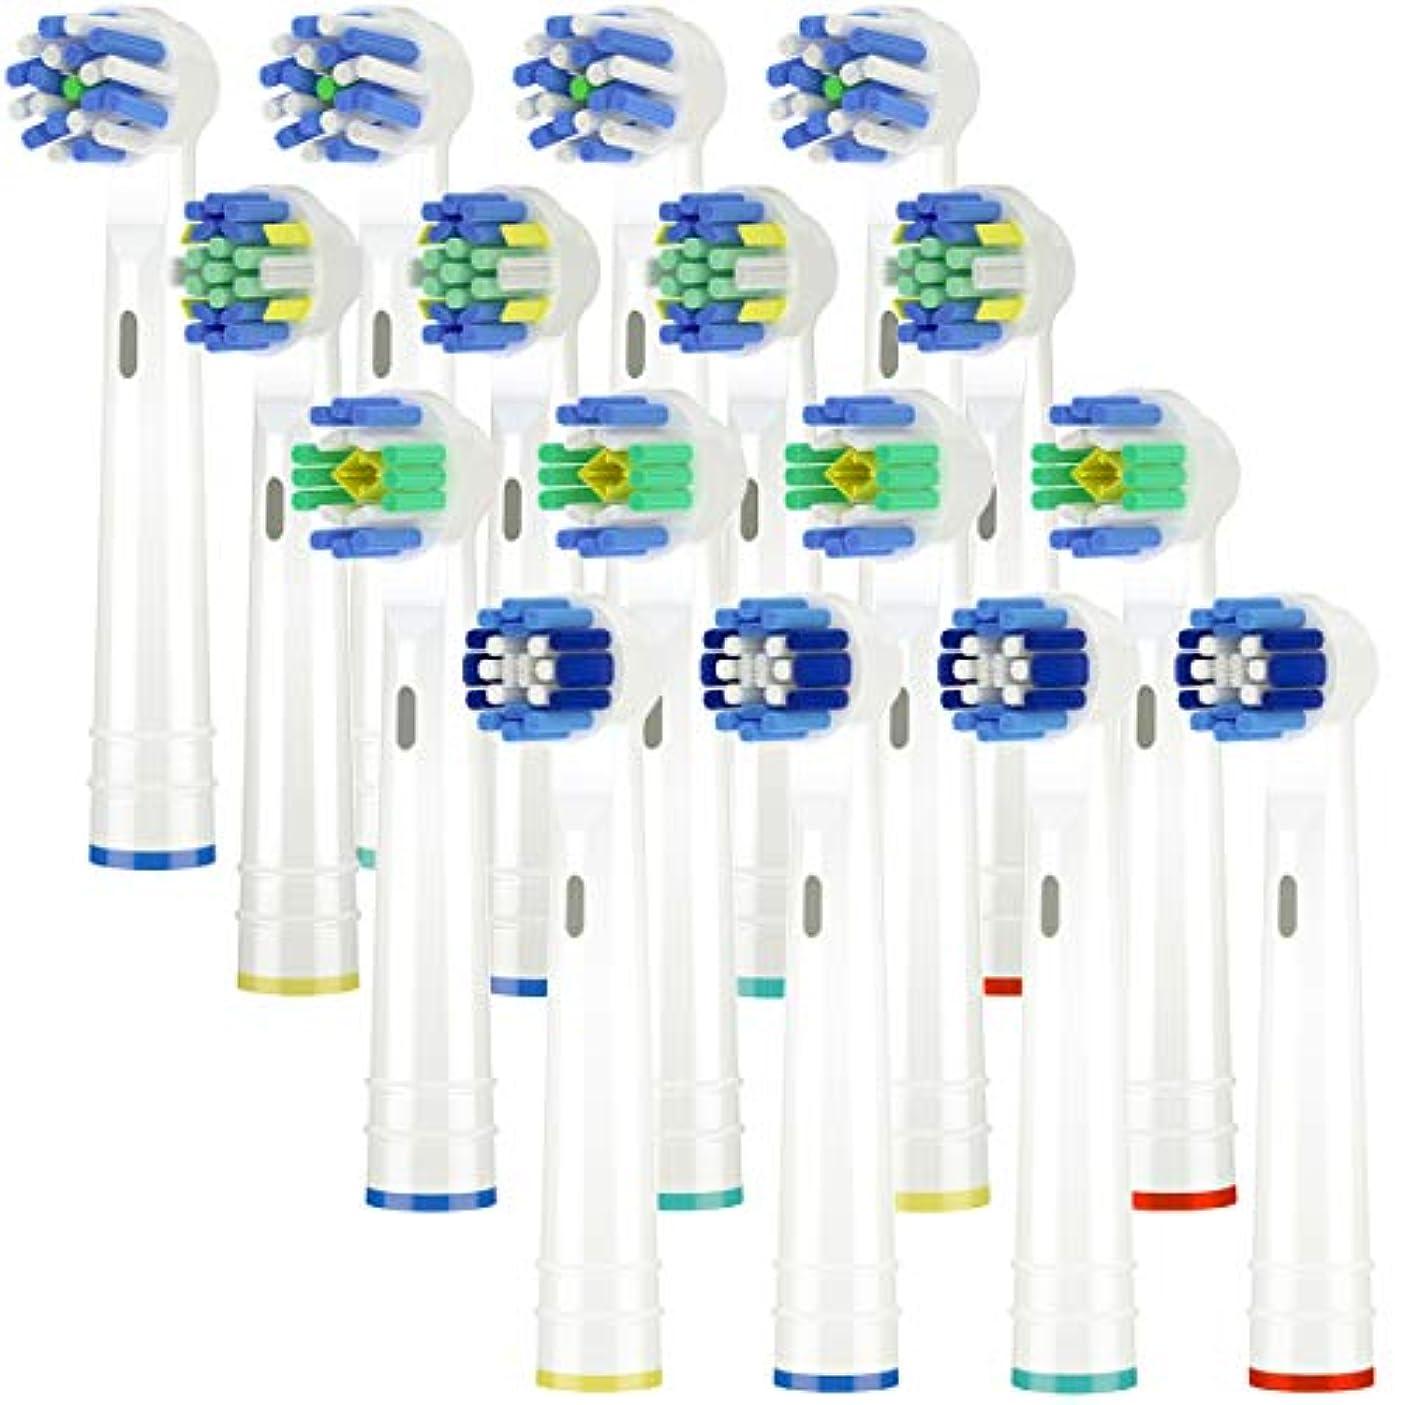 気をつけてリール子供っぽいItechnik 電動歯ブラシ 替えブラシ ブラウン オーラルB 対応 替えブラシ 4種類が入り:ホワイトニングブラシ 、ベーシックブラシ、歯間ワイパー付きブラシ、マルチアクションブラシ 凡用な16本